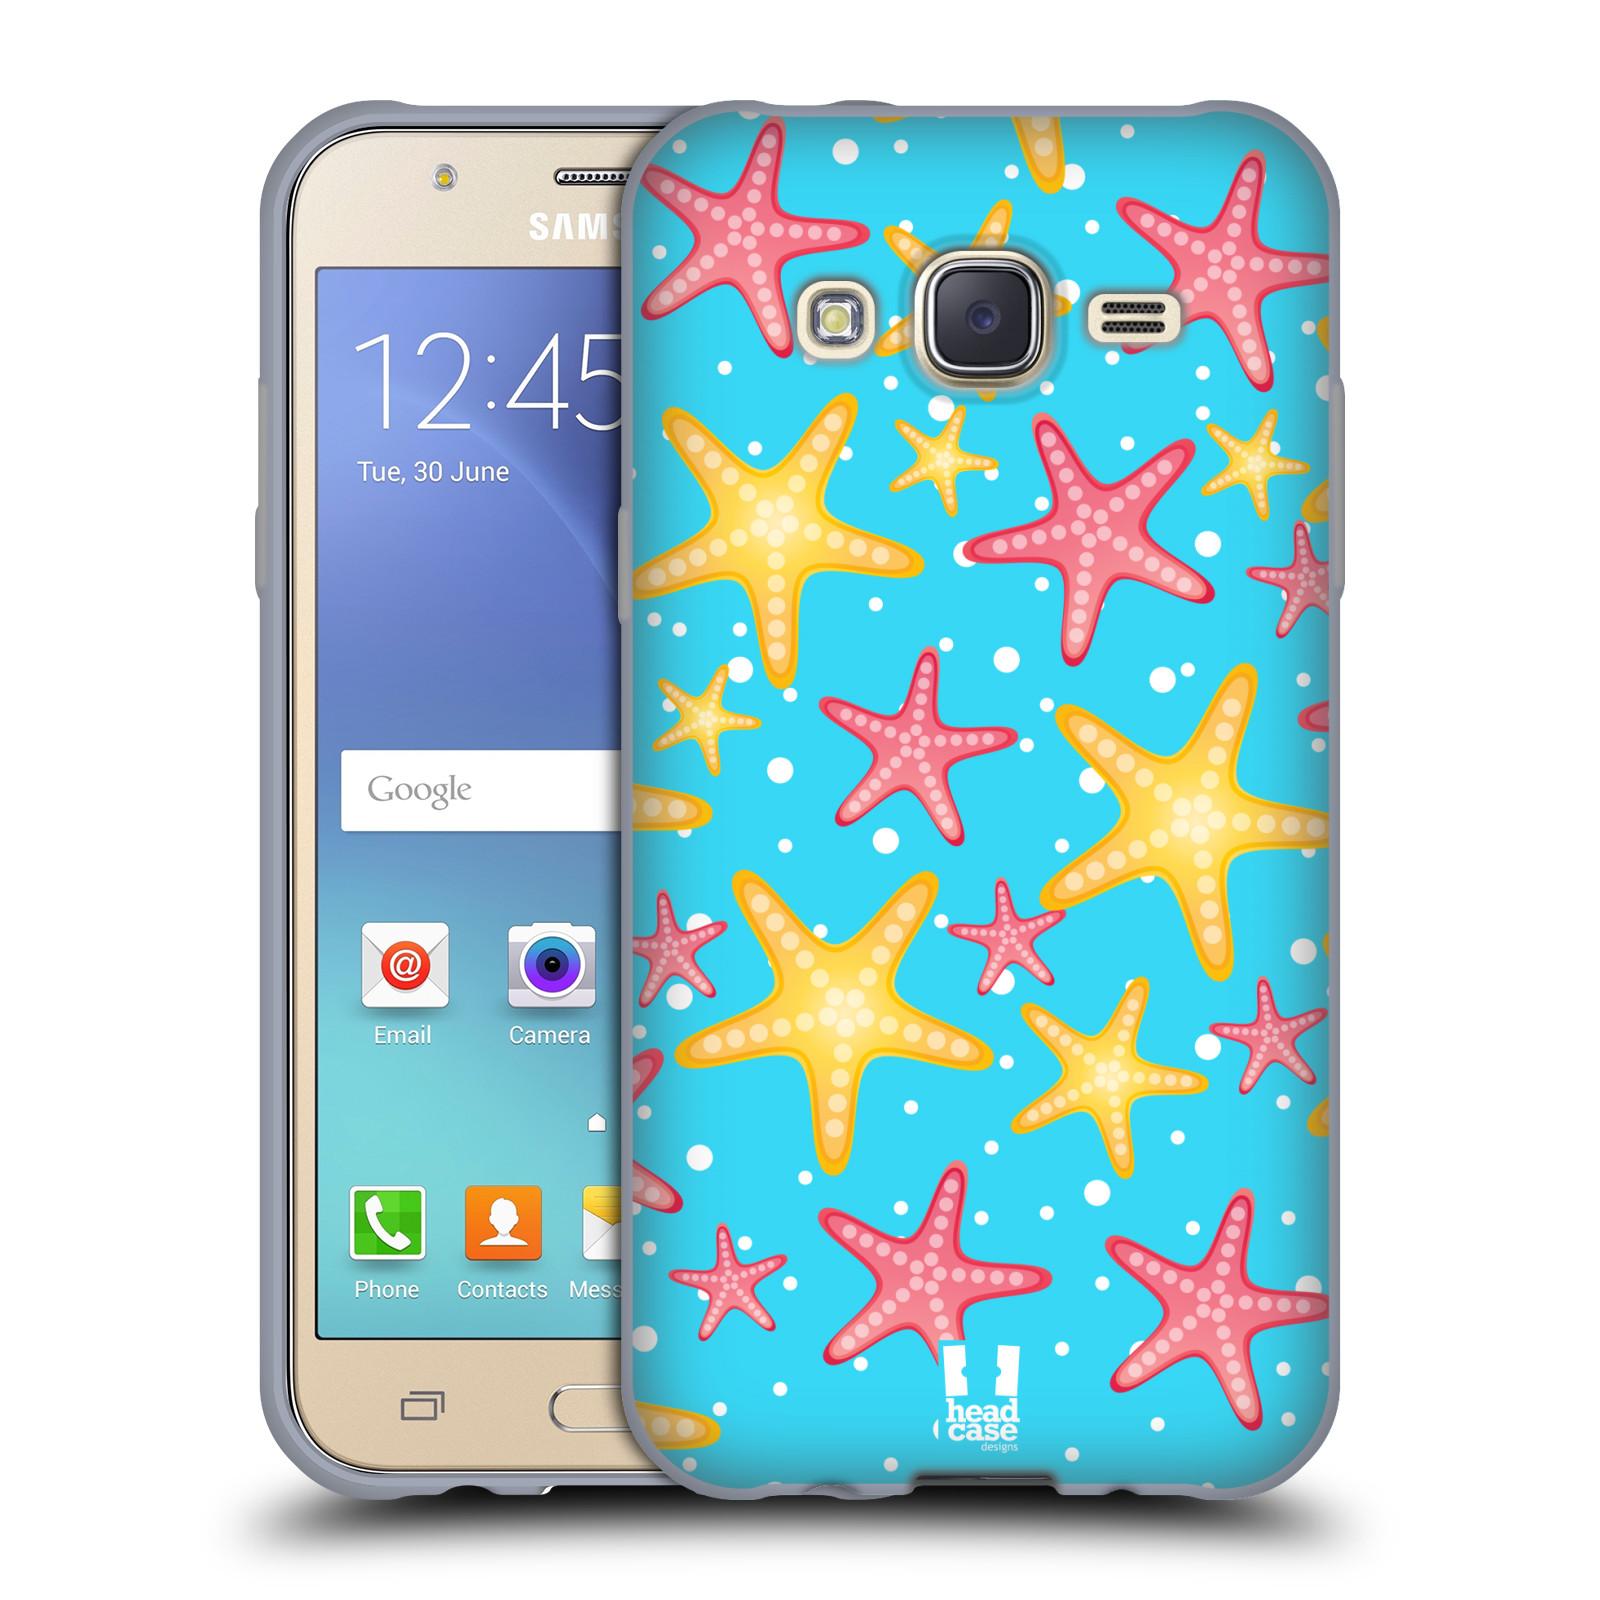 HEAD CASE silikonový obal na mobil Samsung Galaxy J5, J500, (J5 DUOS) vzor mořský živočich hvězda